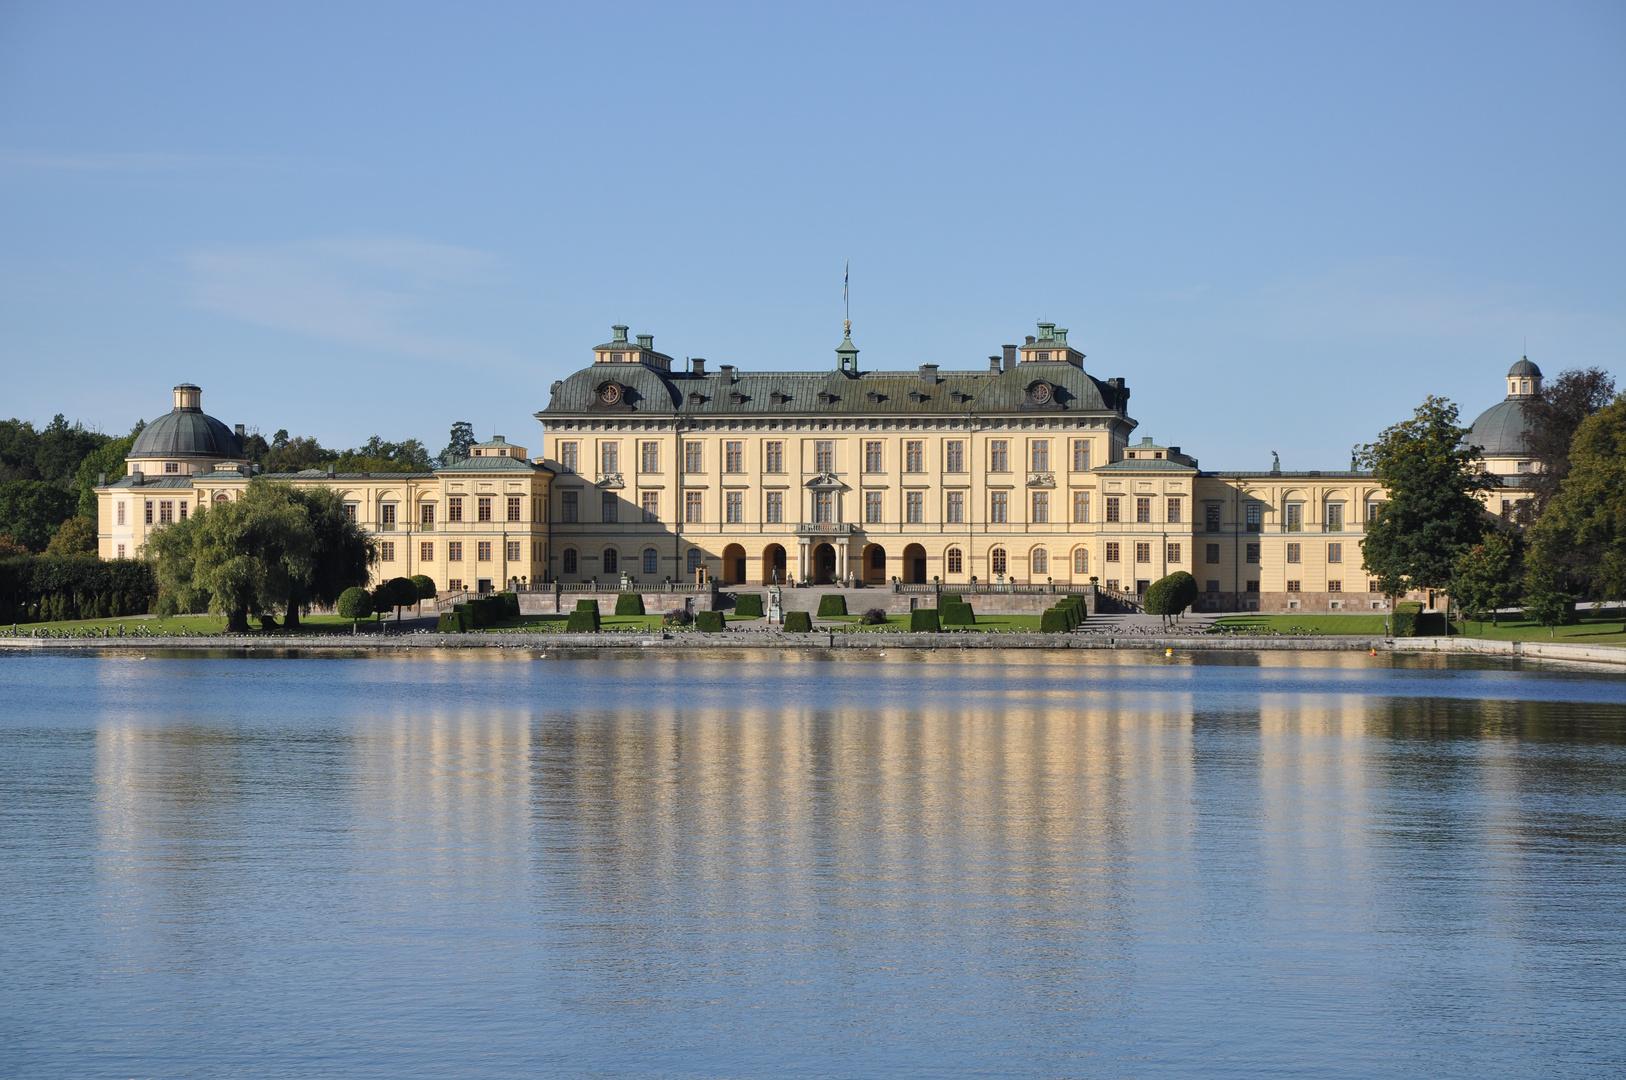 Drottingsholm Slott